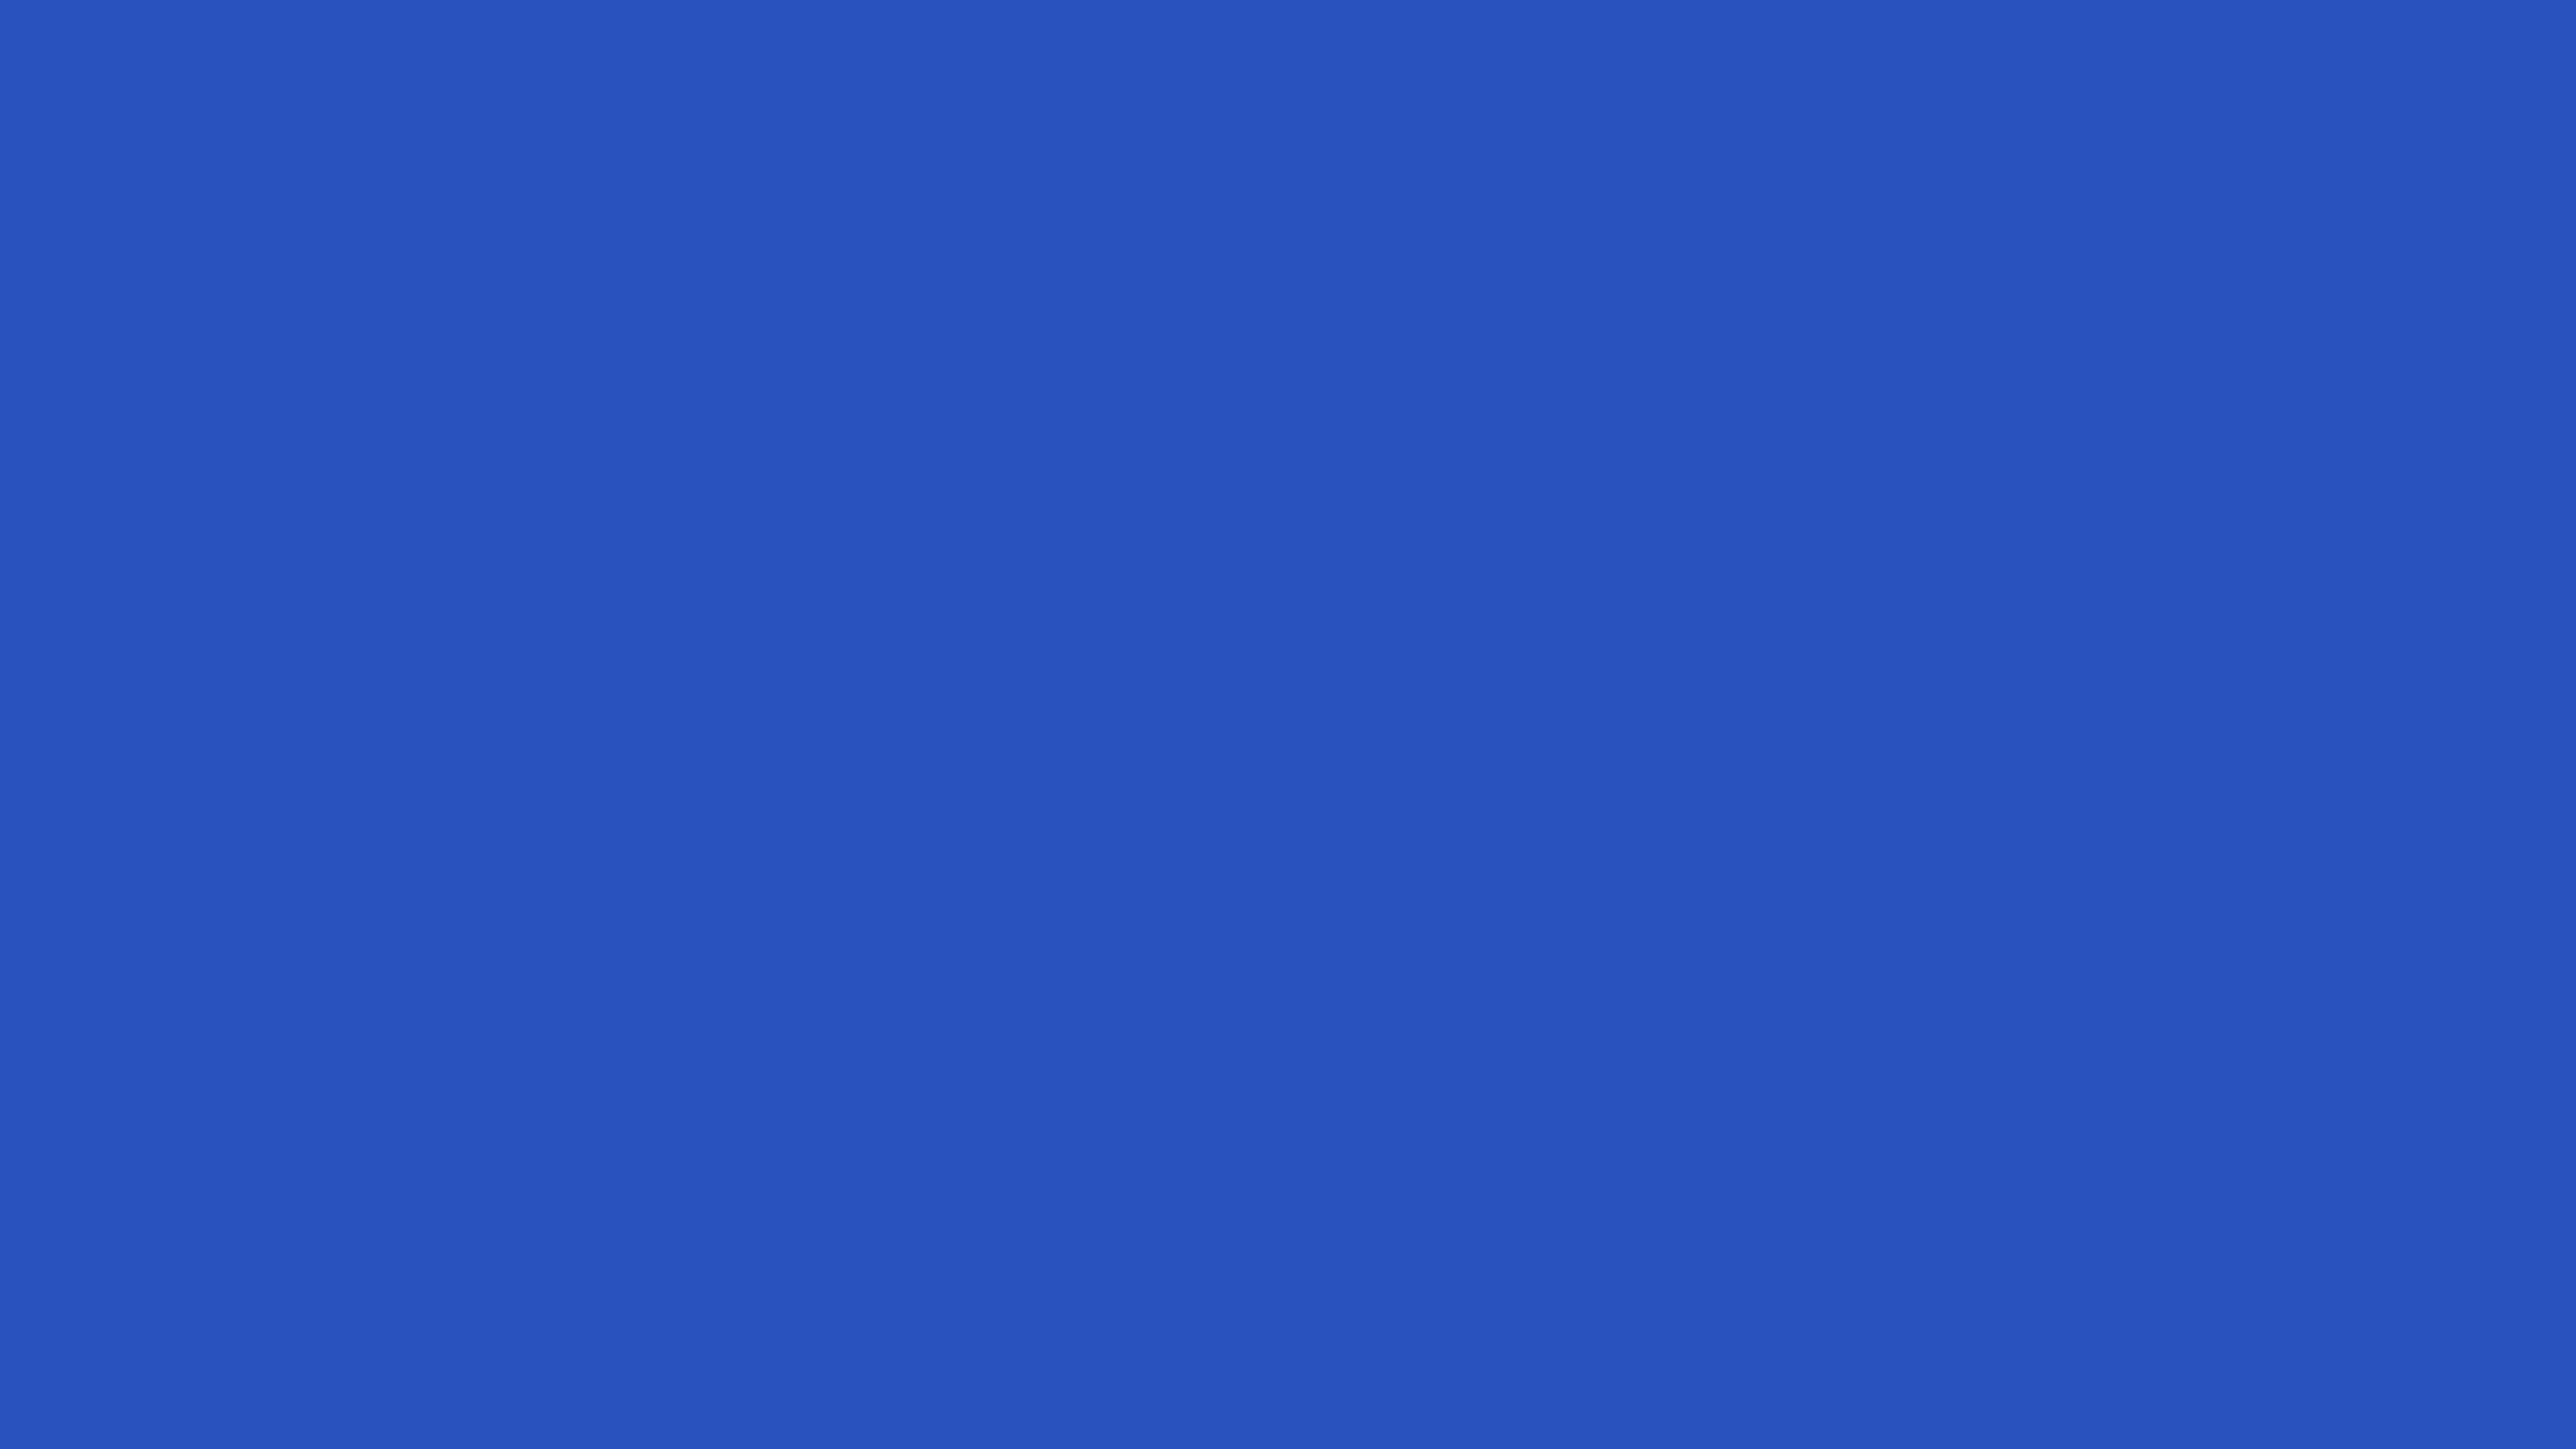 4096x2304 cerulean blue solid color background. Black Bedroom Furniture Sets. Home Design Ideas